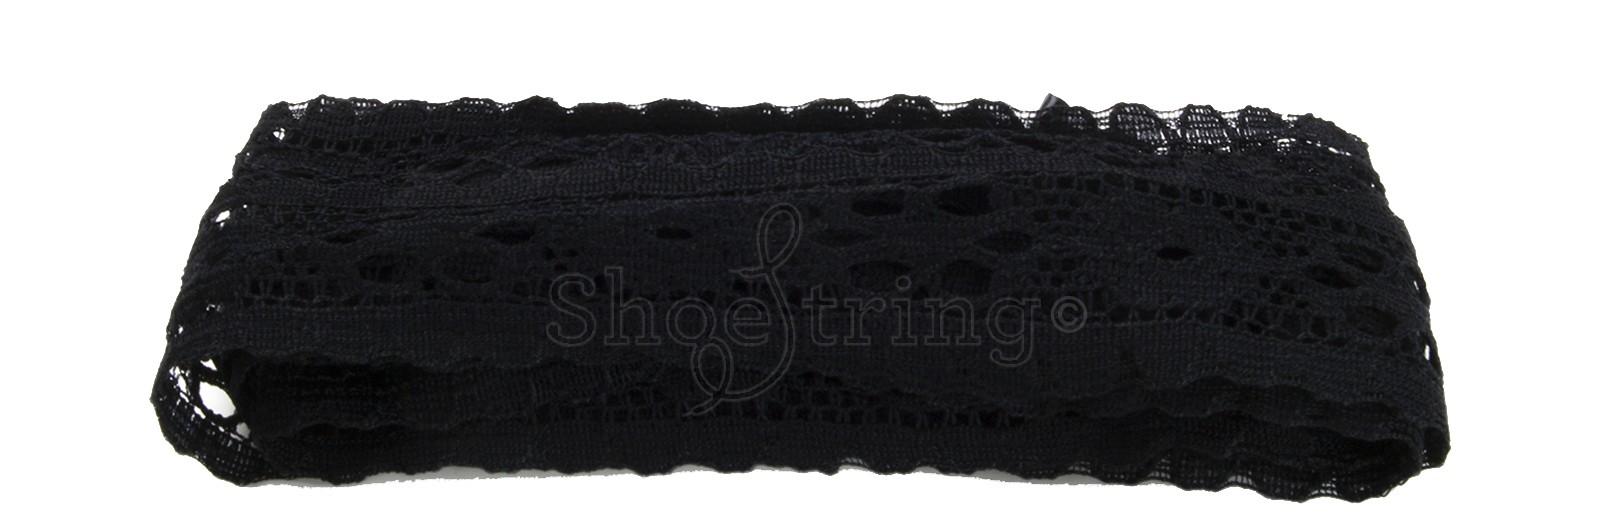 Sneaker Laces Black